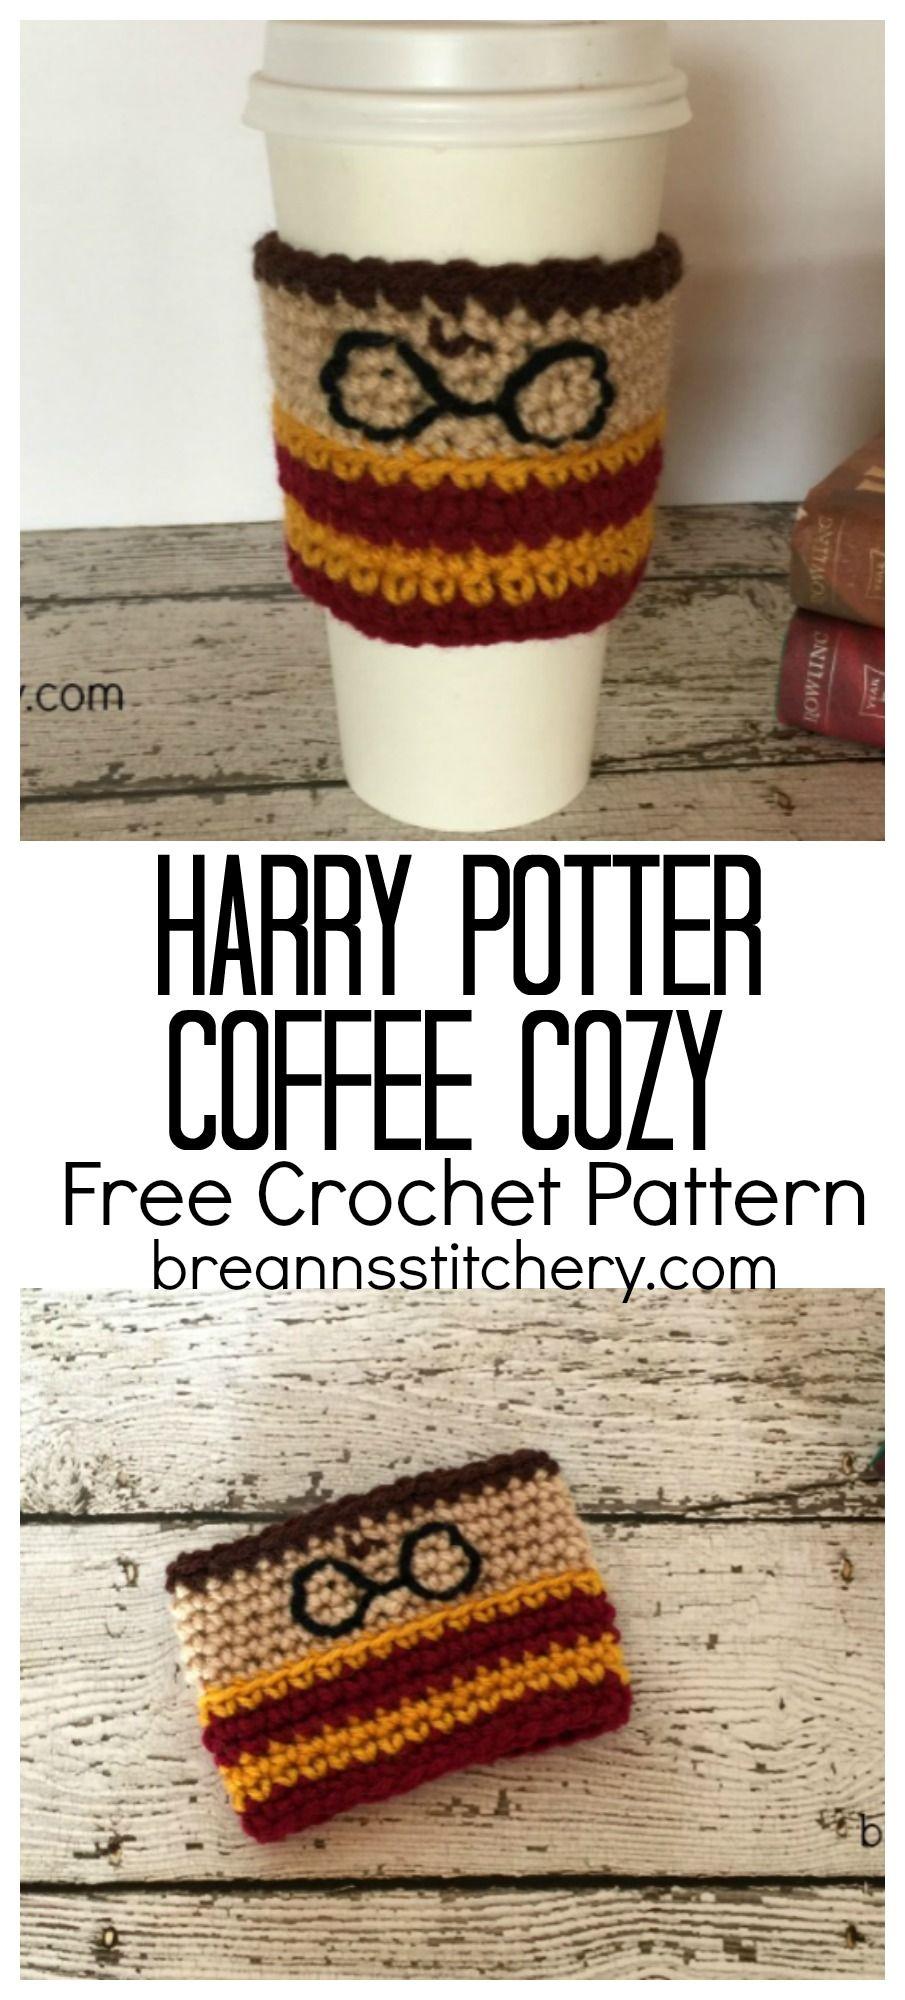 Harry Potter Crochet Coffee Cozy | Tejido, Vasos y Ganchillo